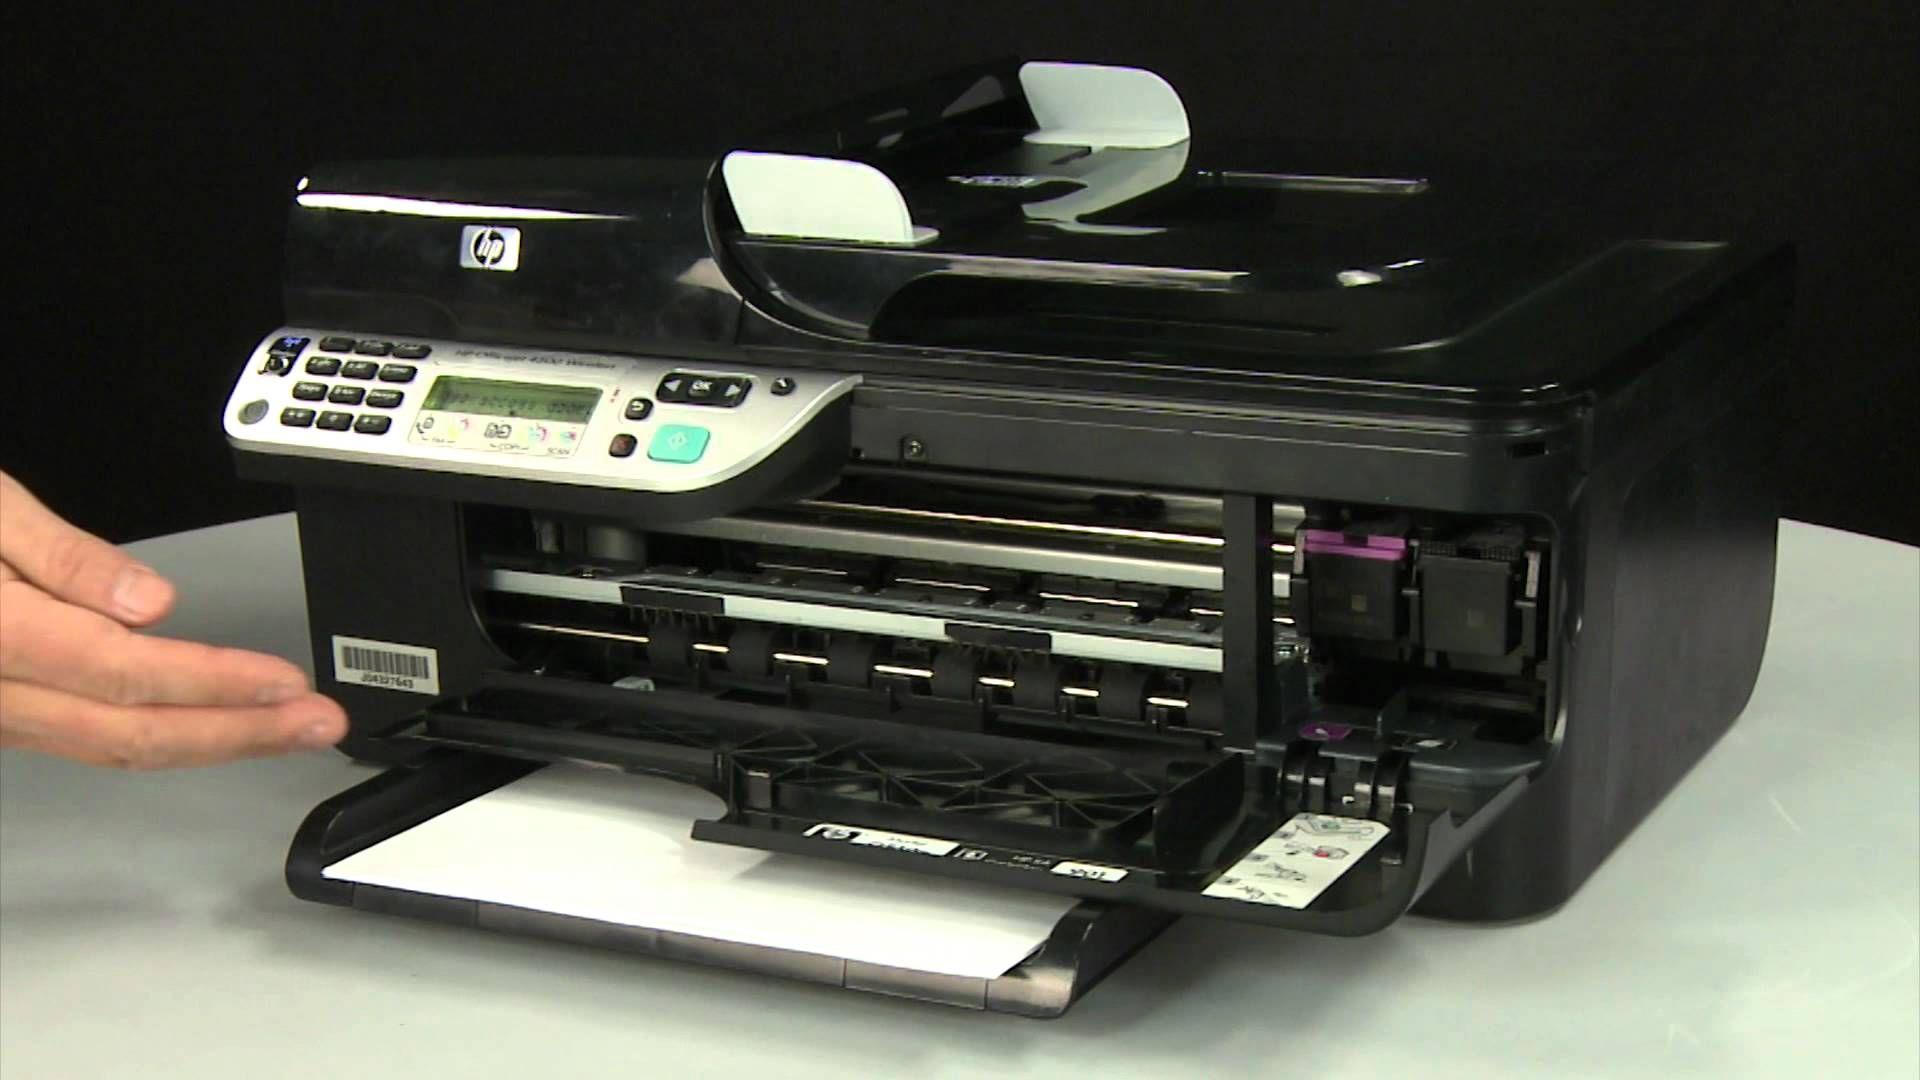 Replacing A Print Cartridge Hp Officejet 4500 Wireless All In One G510n Hp Officejet Printer Ink Cartridges Hp Printer